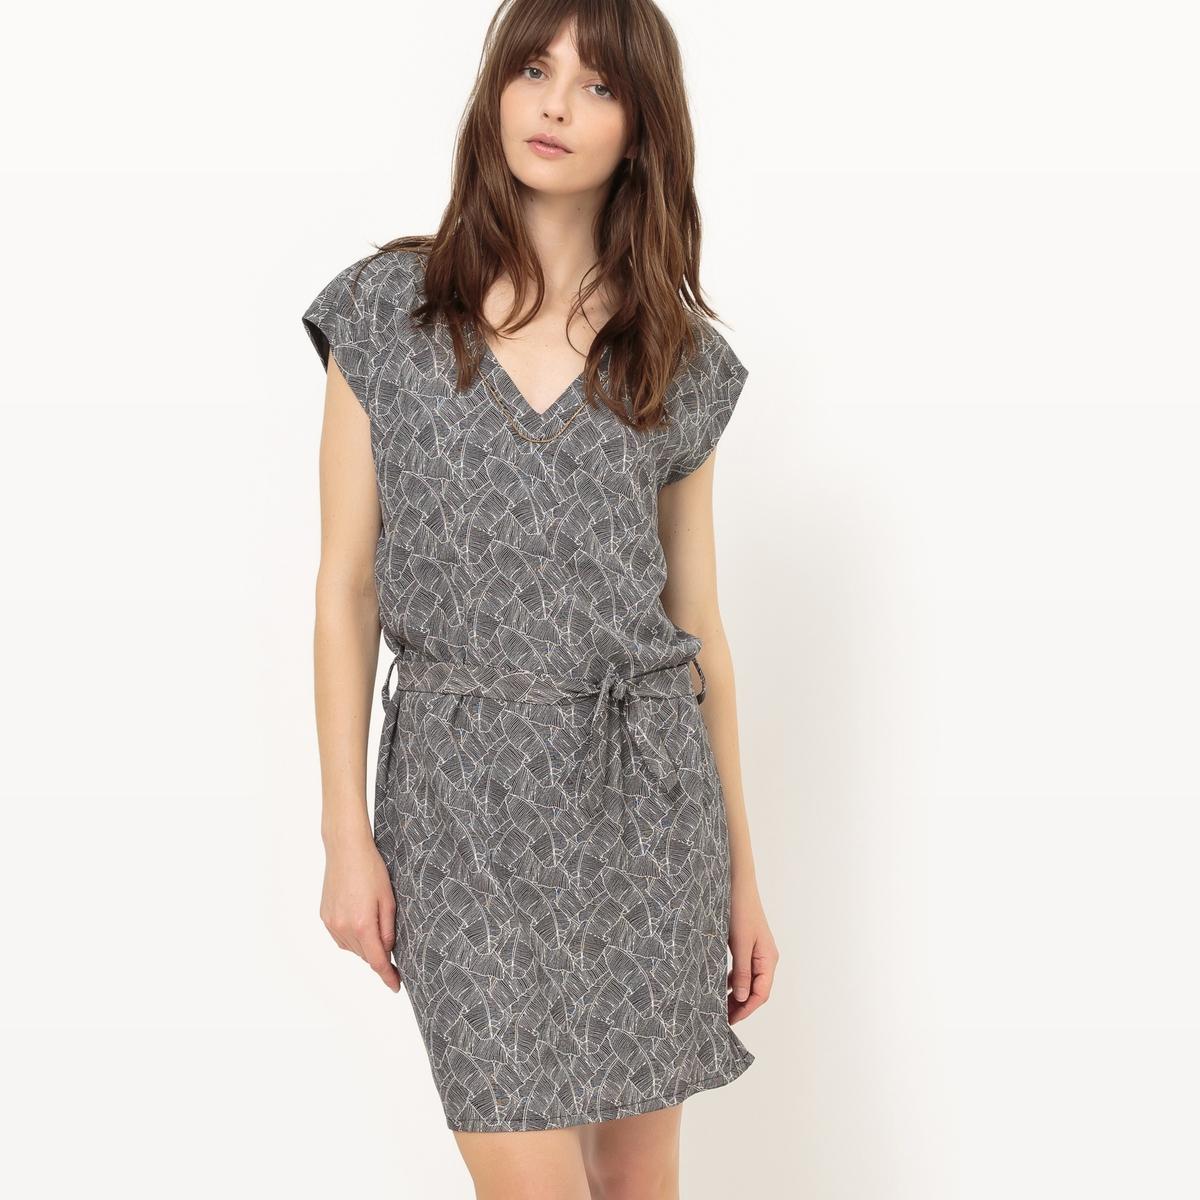 Платье с короткими рукавами и завязками на поясеМатериал : 5% эластана, 95% полиэстера Подкладка : 100% полиэстер Длина рукава : короткие рукава  Форма воротника : V-образный вырез Покрой платья : платье прямого покроя    Рисунок : принт   Длина платья : короткое<br><br>Цвет: рисунок пальмы